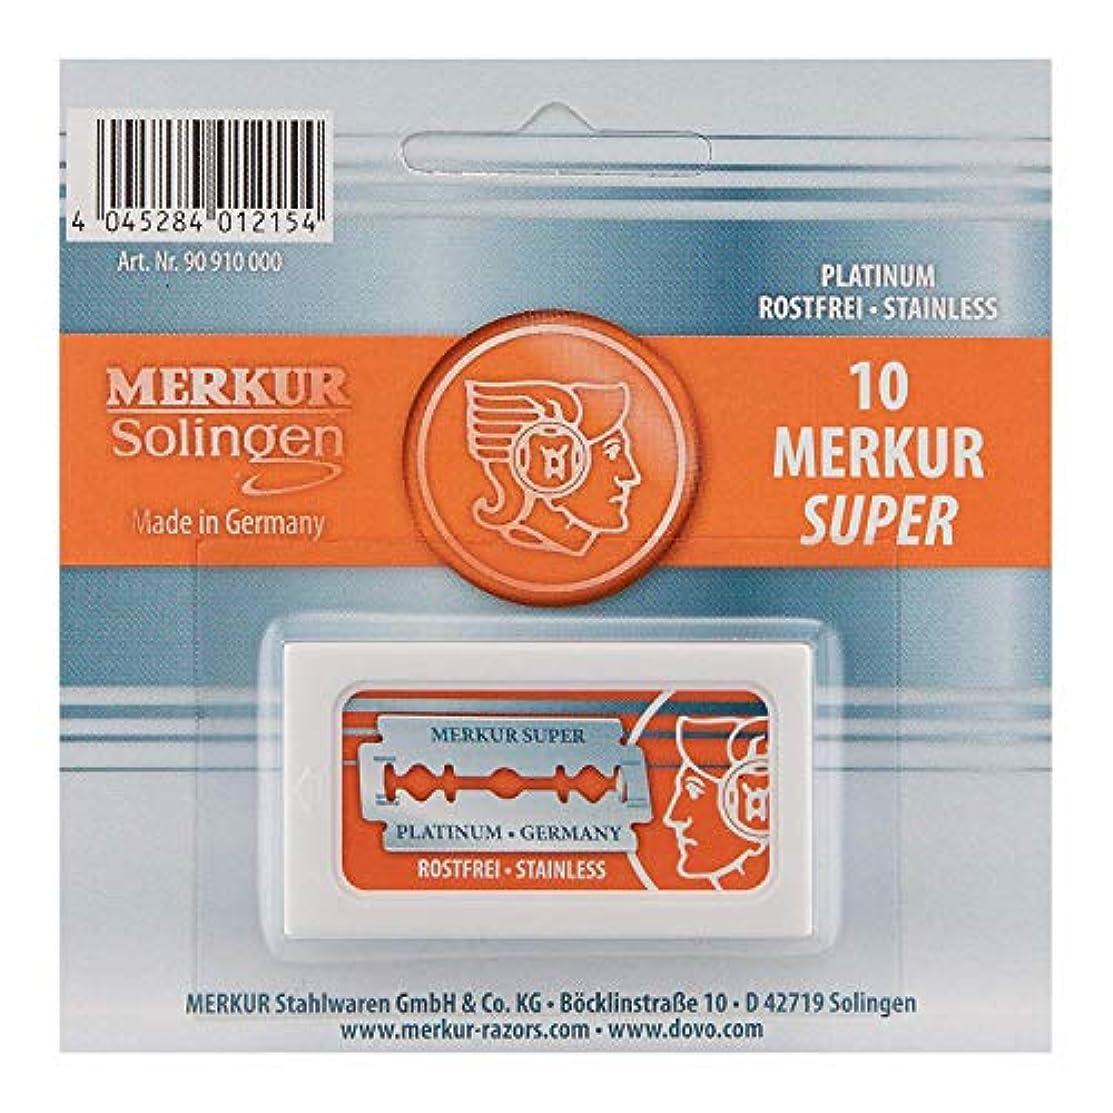 扇動する展開する痛いMerkur Stainless Platinum Safety Razor Blades 10 Pack